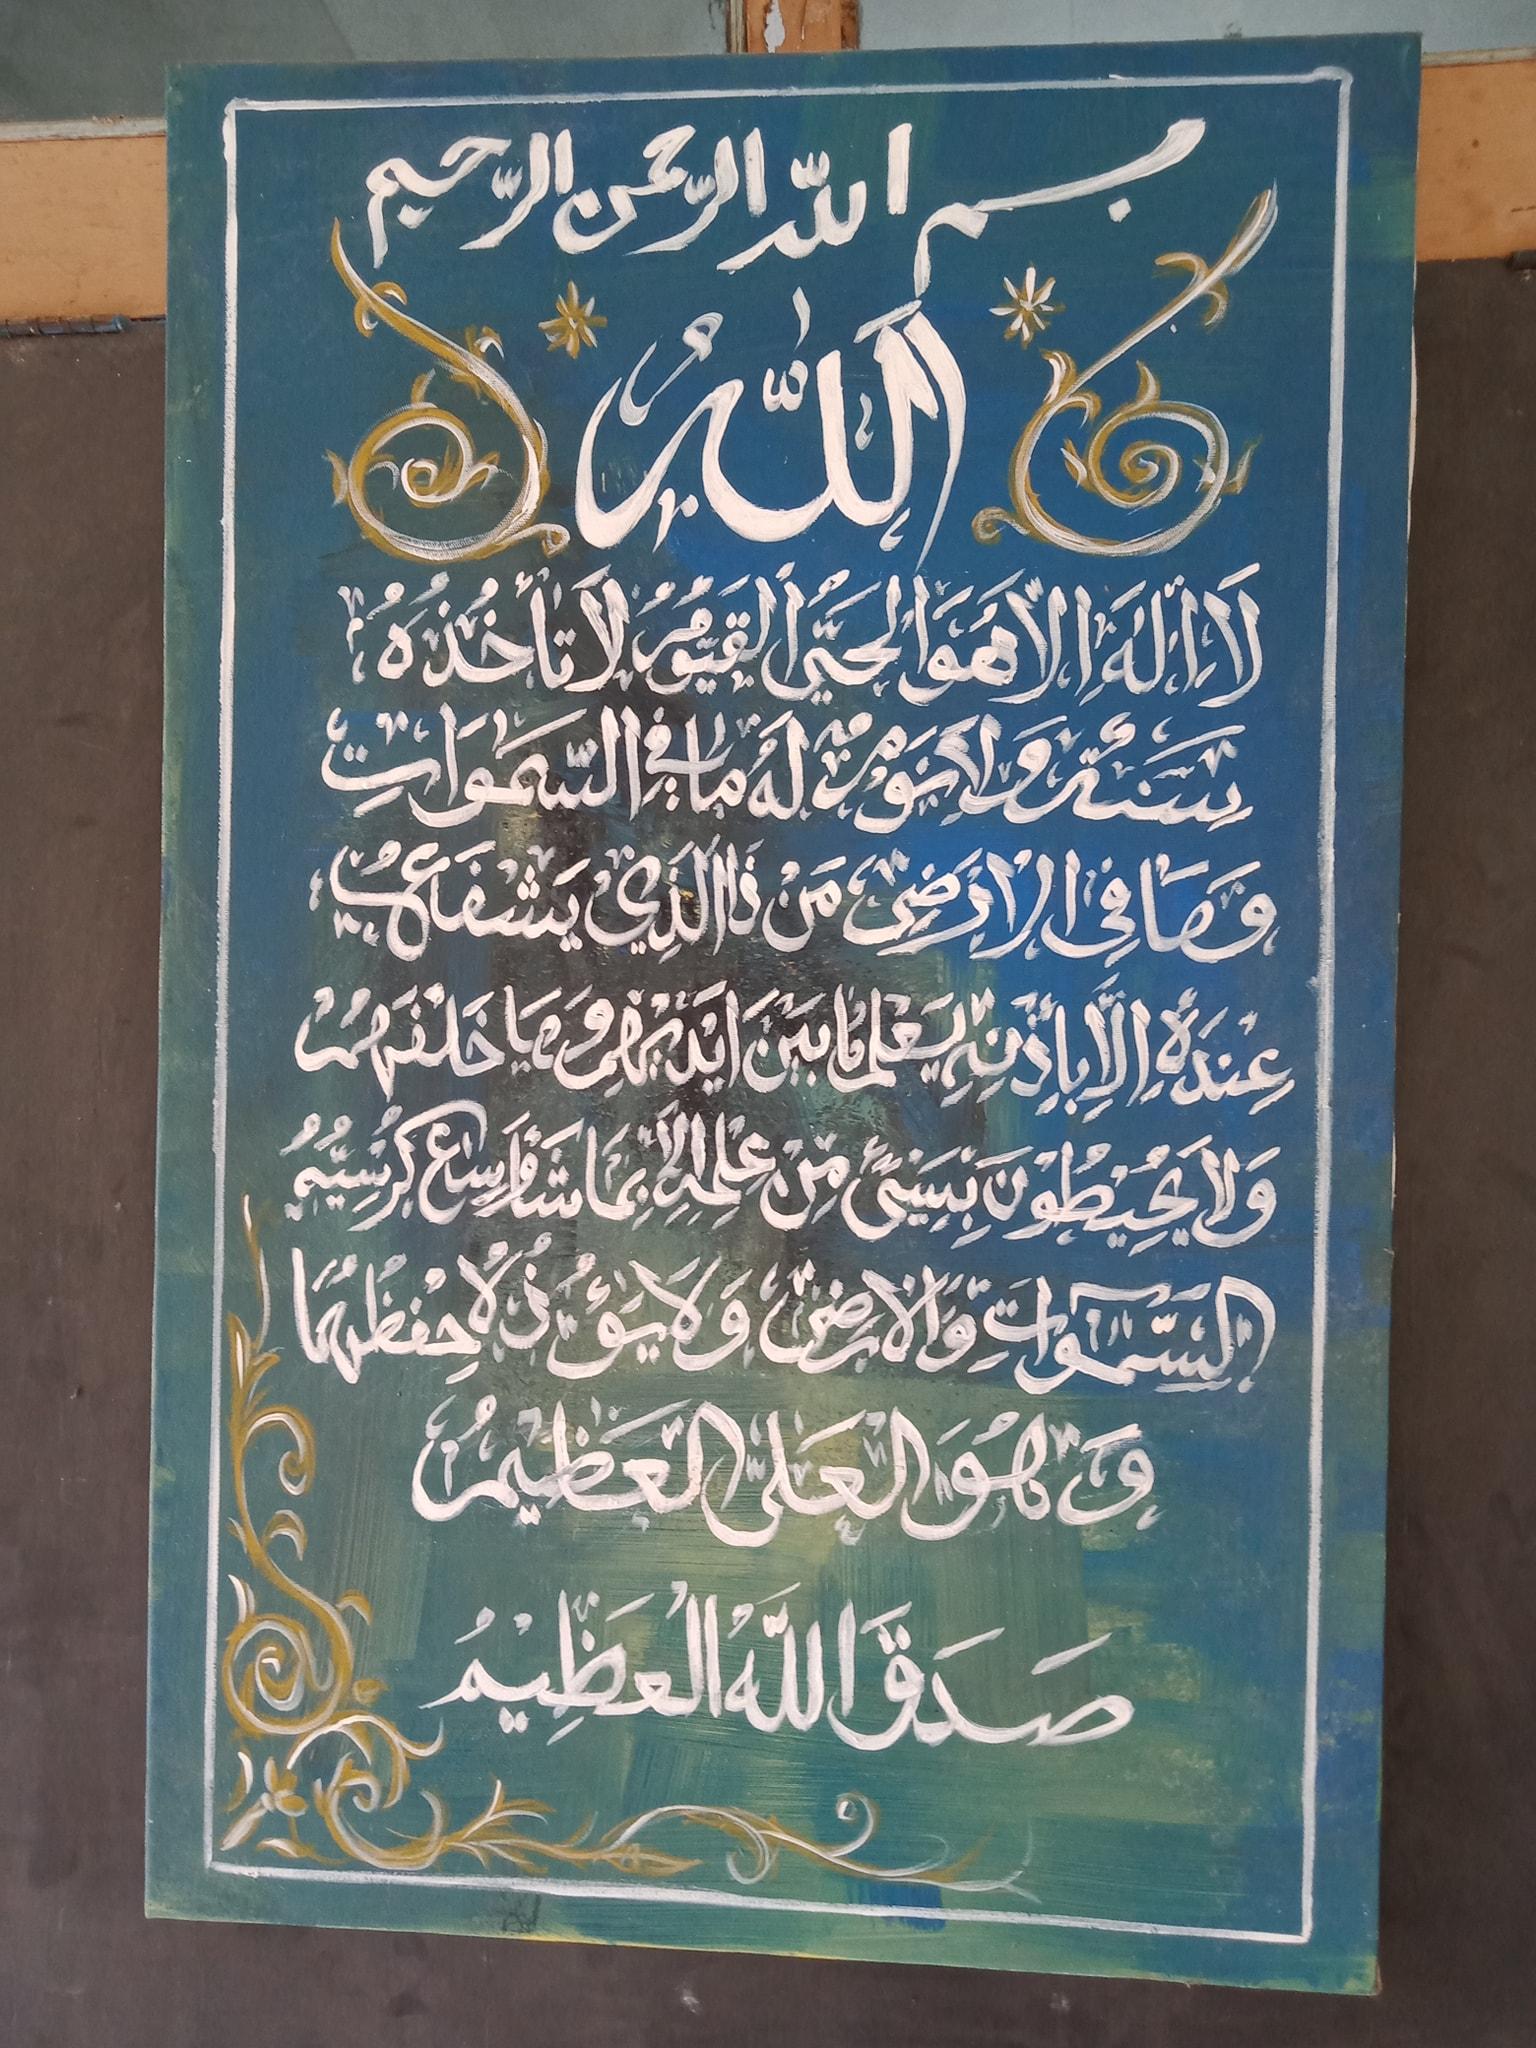 Download Kaligrafi arb